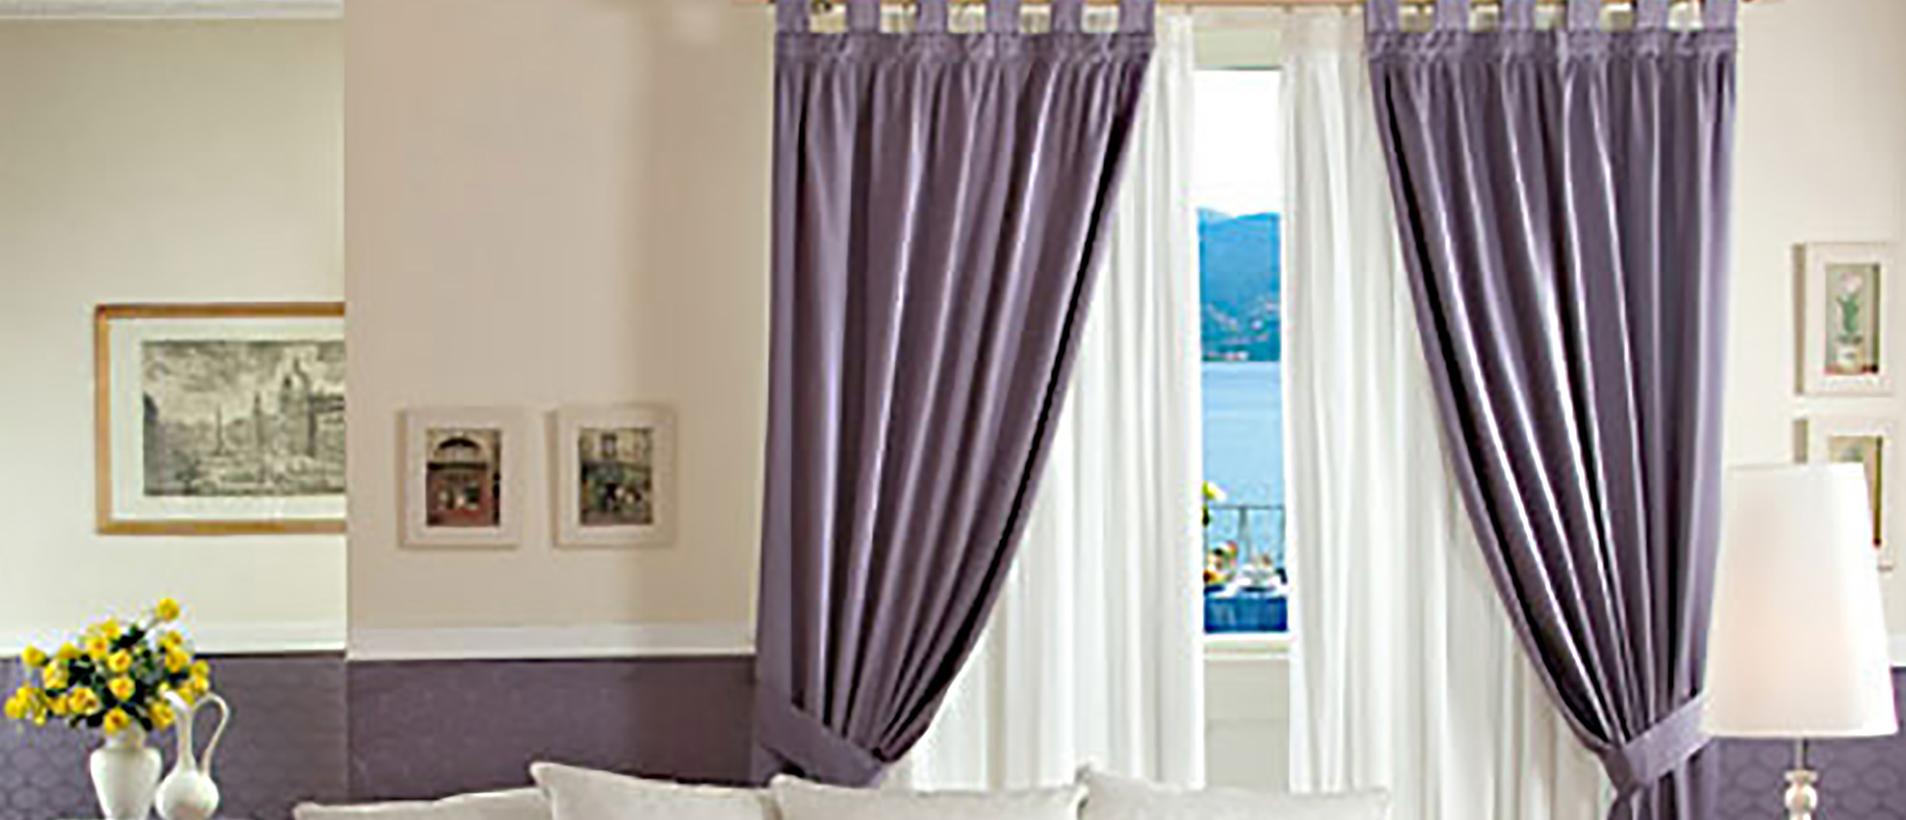 Tende milano realizzazione di tende da interni lavaggio for Tipi di tende da interno